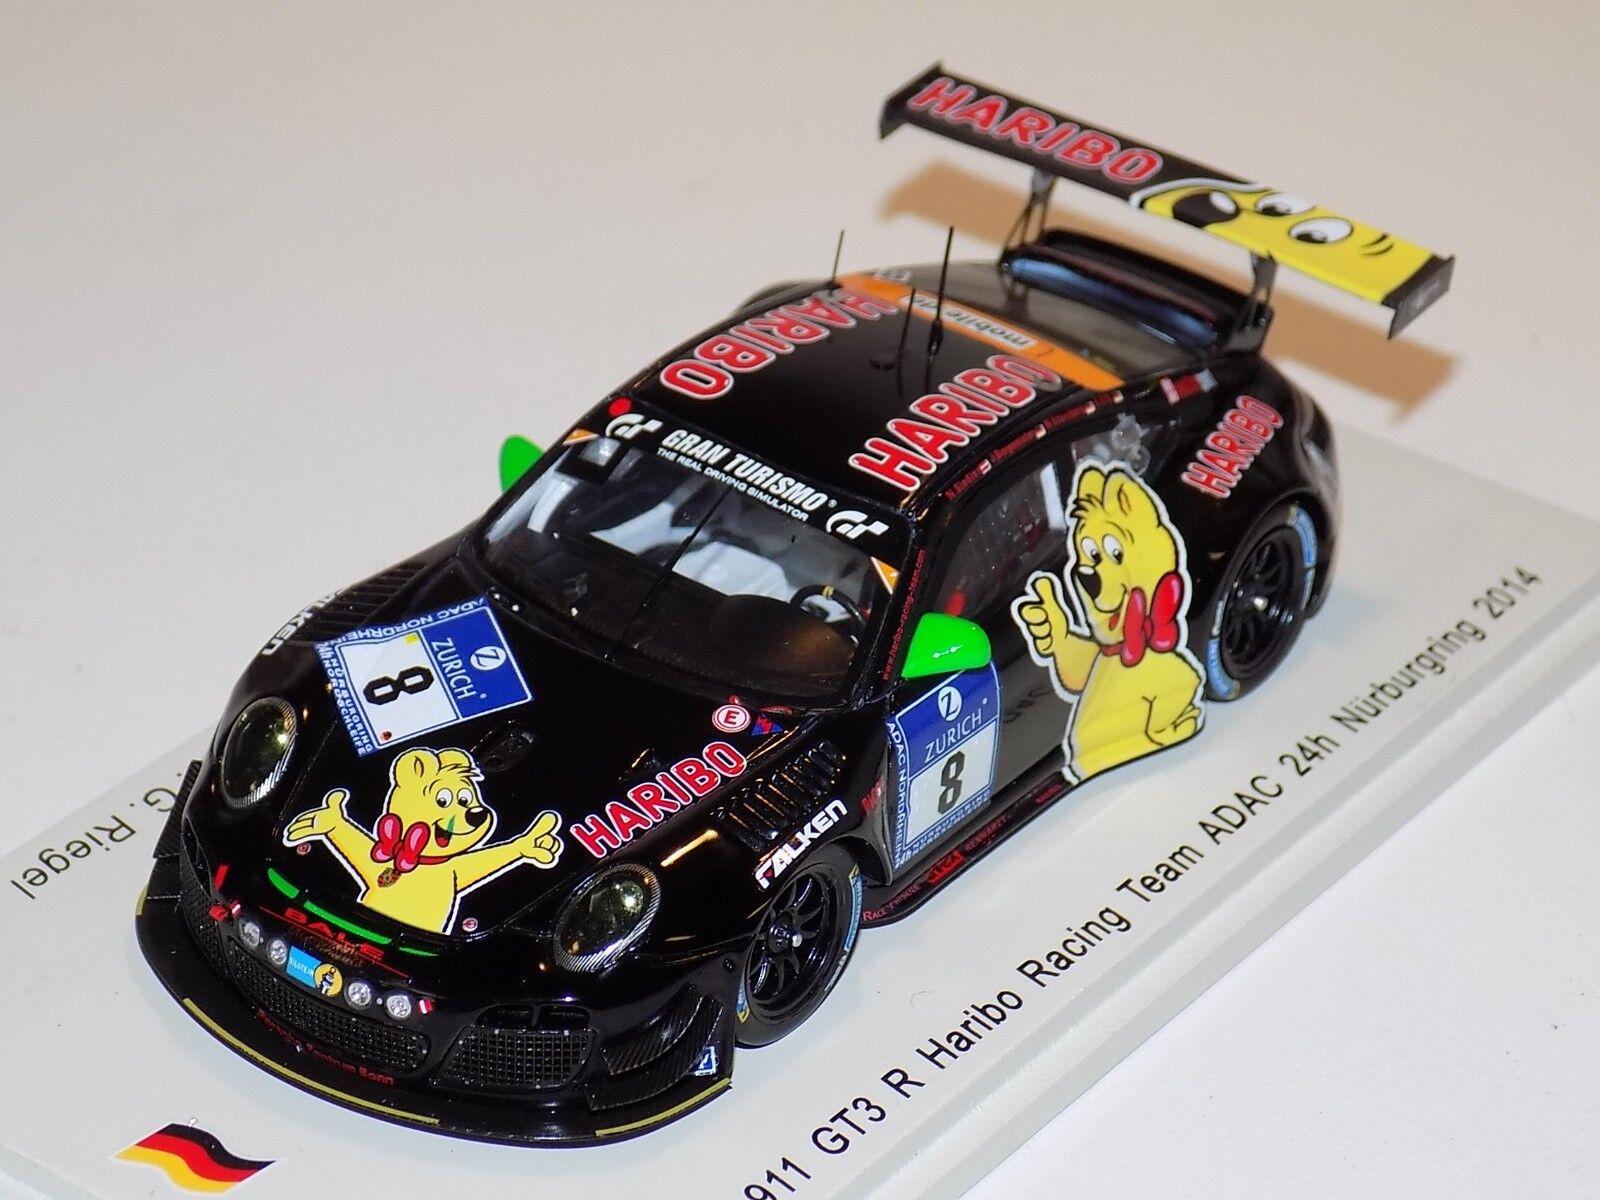 Spedizione gratuita al 100% 1 43 Spark Porsche 911 GT3 R auto    8 24 Hours of Nurburgring 2014  SG146  prezzi bassi